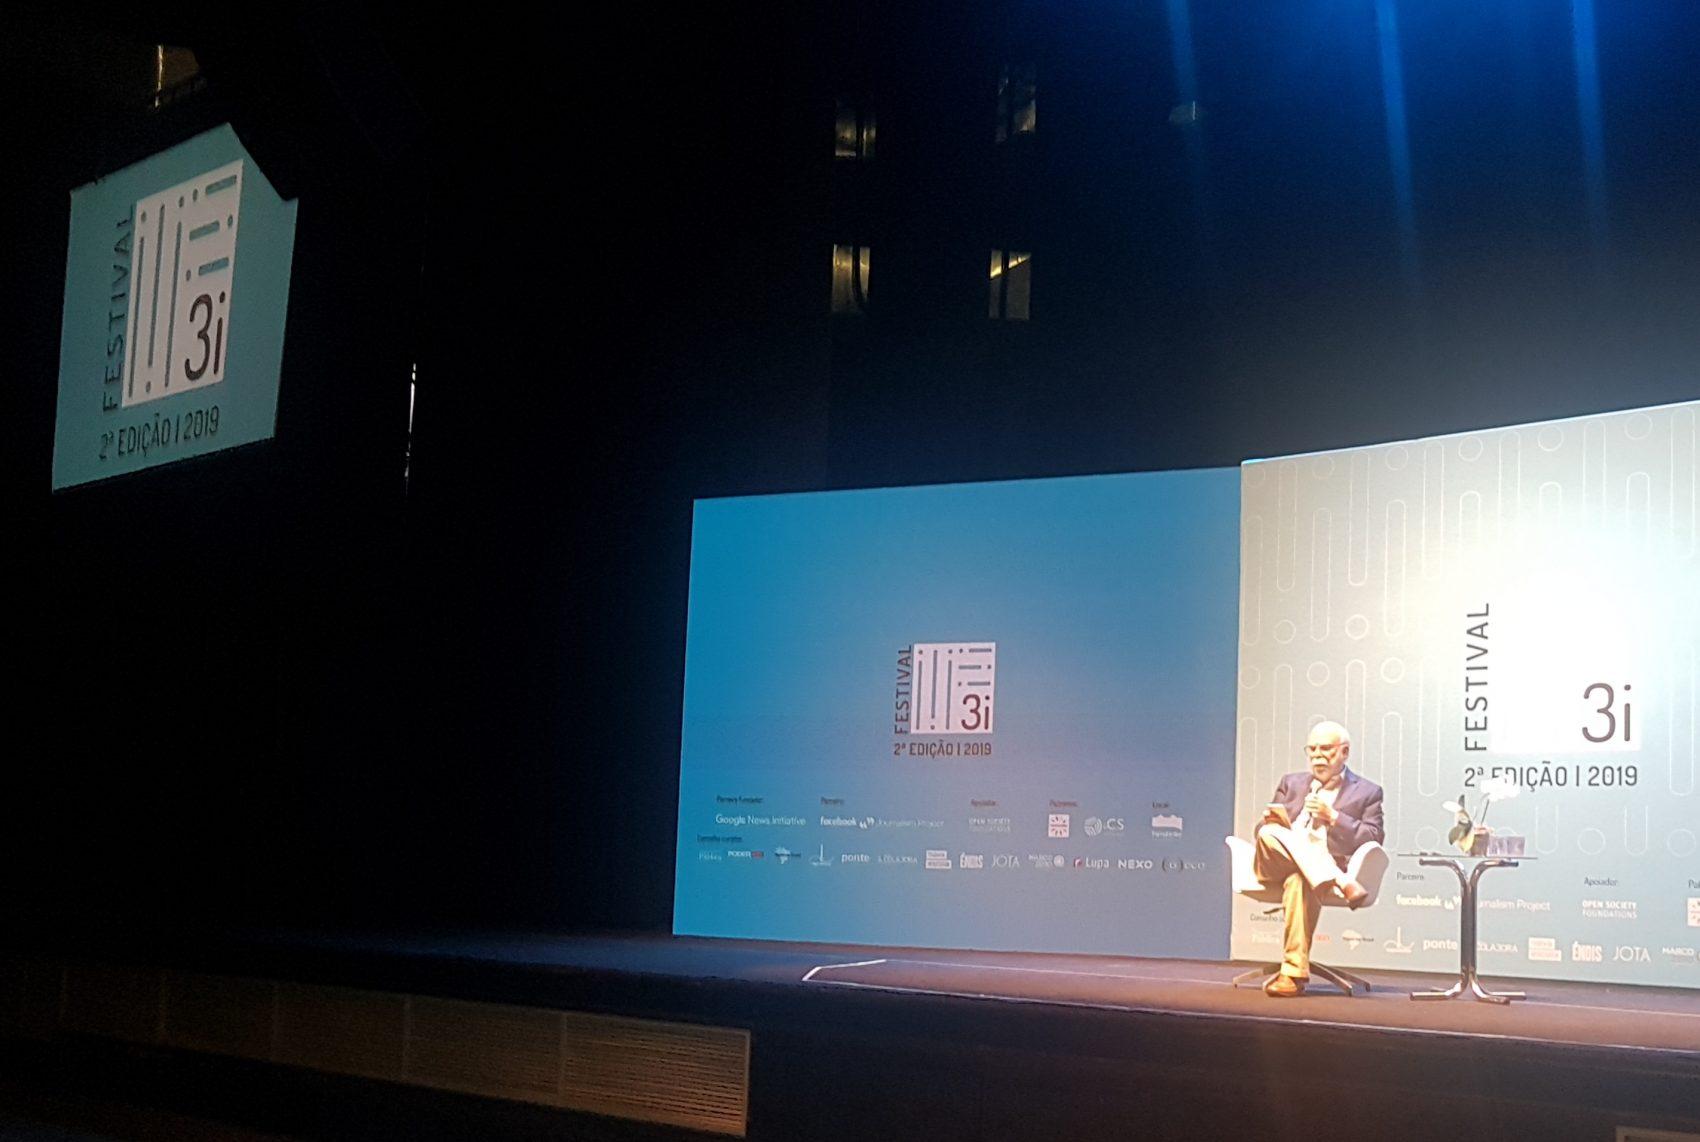 Rosental Calmon Alves no Festival 3i, na Fundição Progresso, no Rio: interesse em iniciativas de mídias nativas digitais locais, sem fins lucrativos (Foto: Oscar Valporto)